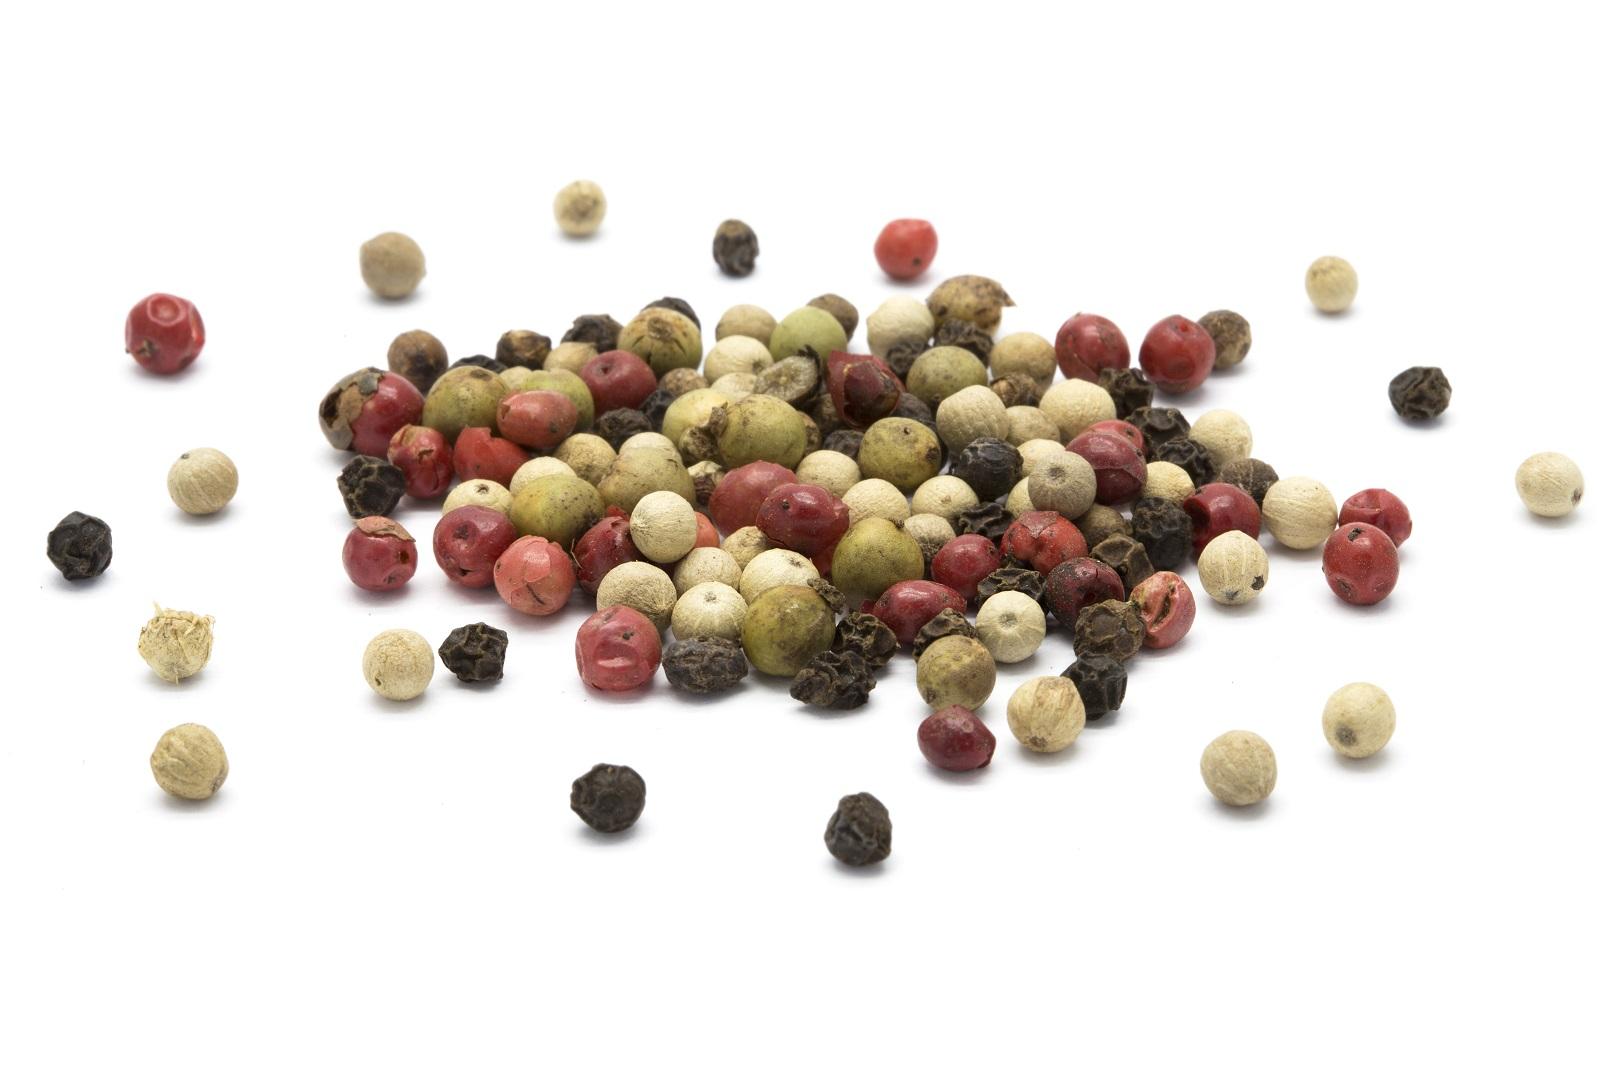 Añadimos unos granos de pimienta